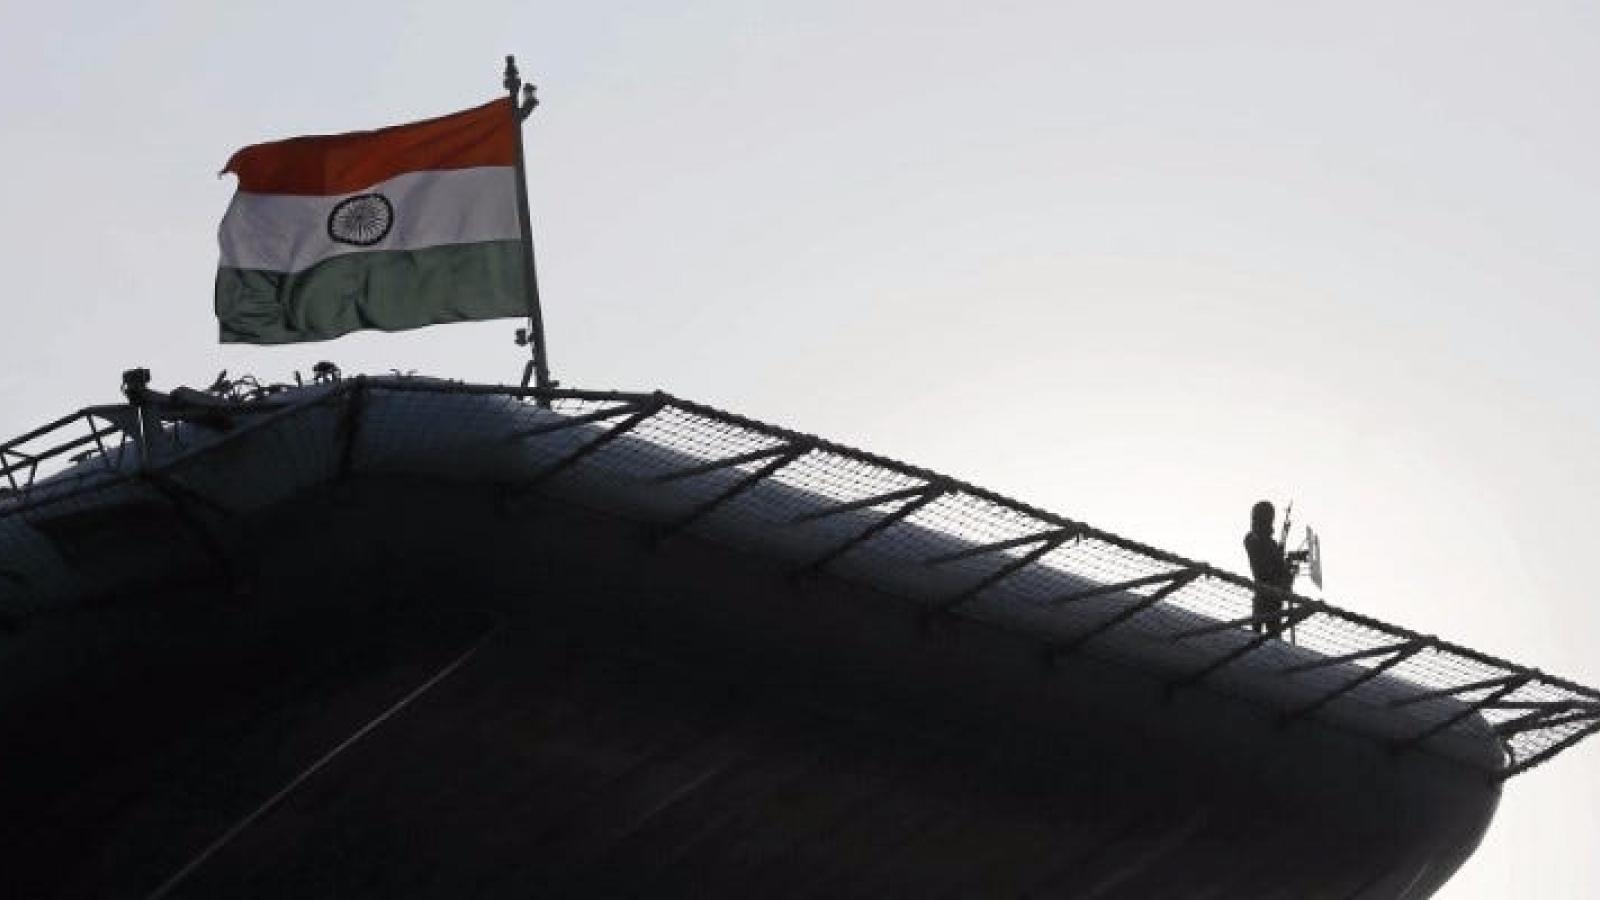 Ấn Độ sẽ chủ trì Hội nghị Quad giữa căng thẳng với Trung Quốc